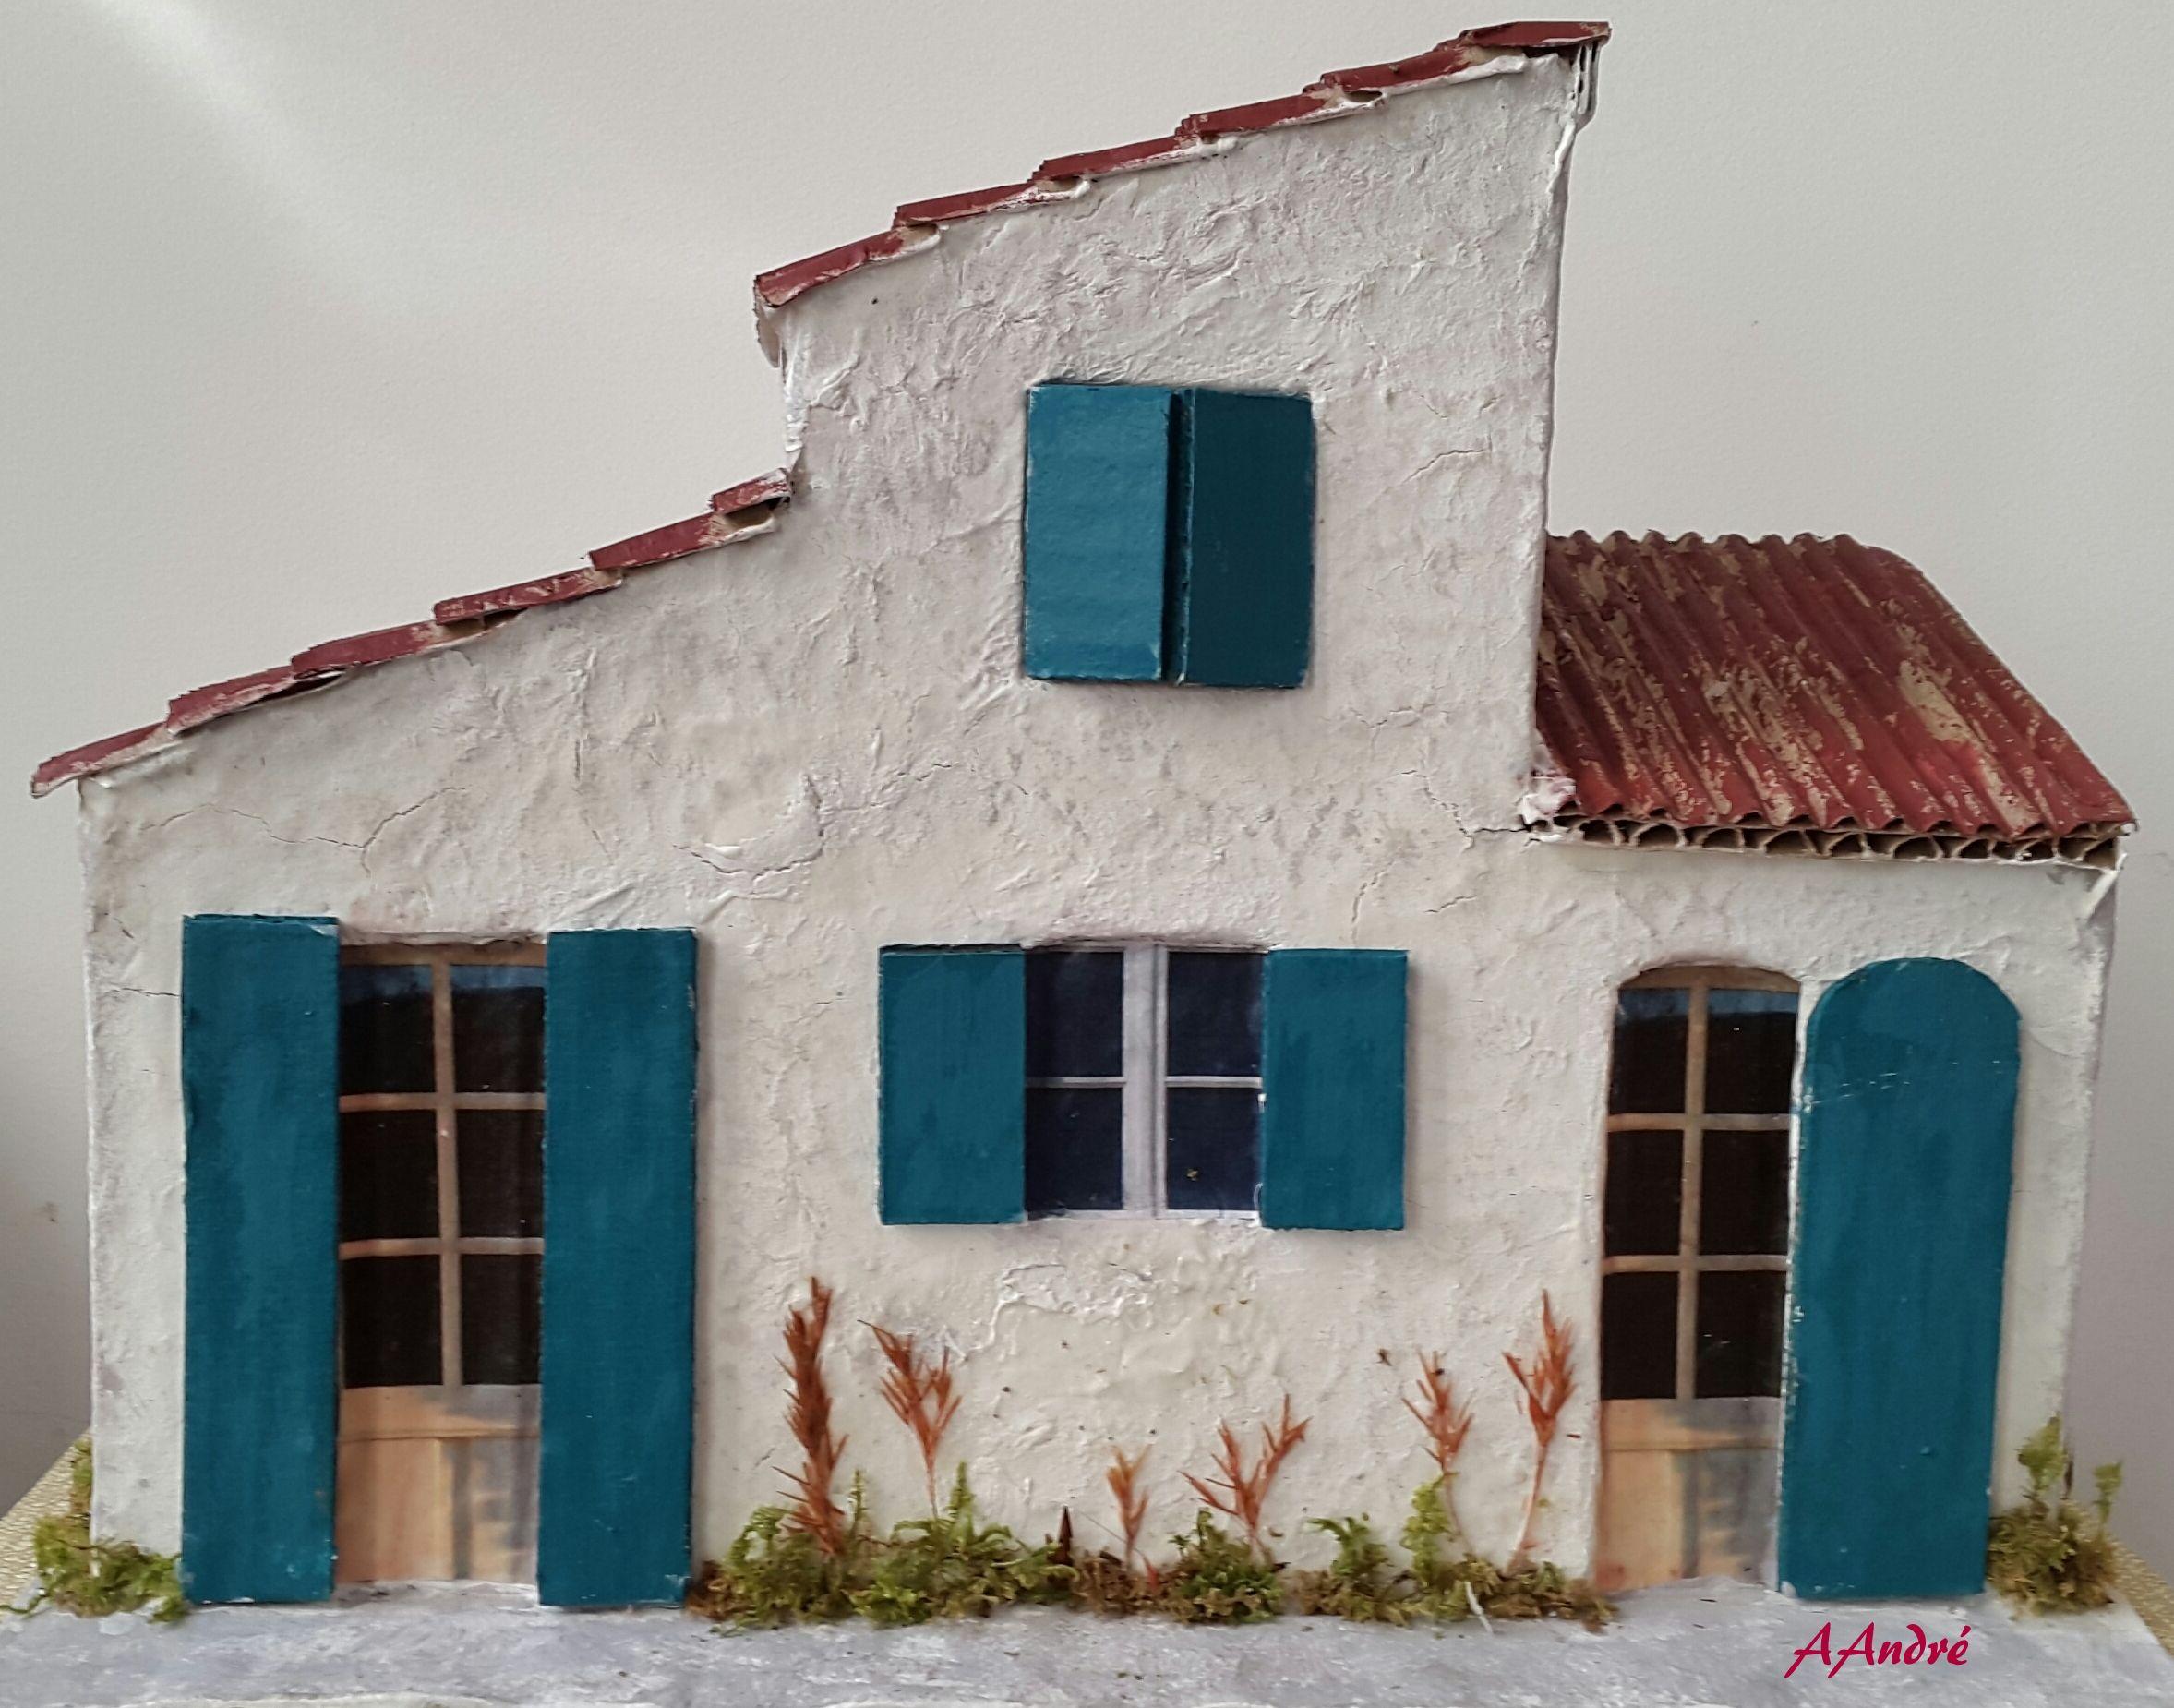 maison de village pour la cr che de no l en carton ondul creche maisons pinterest carton. Black Bedroom Furniture Sets. Home Design Ideas